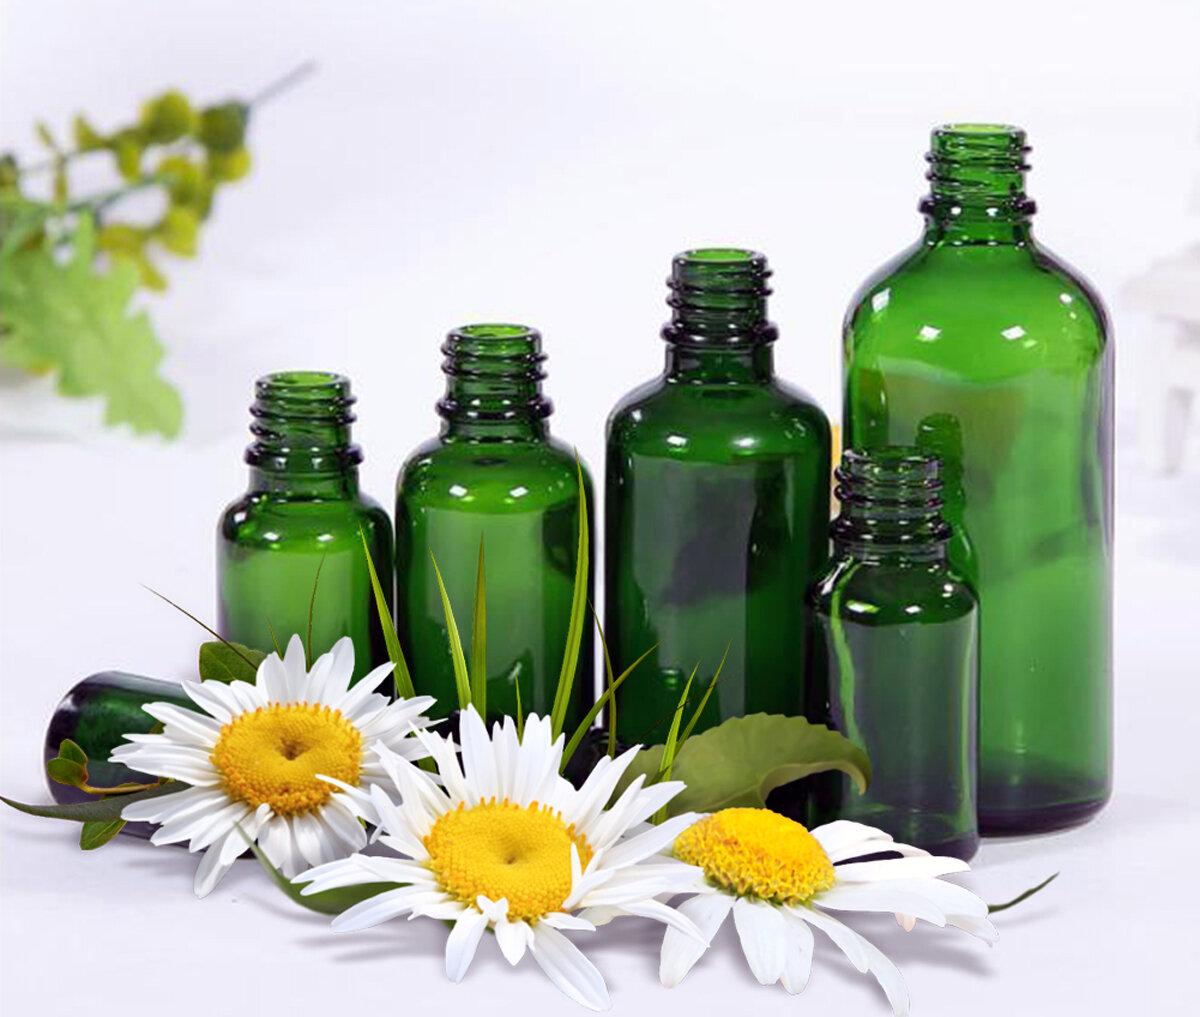 Как сделать освежитель воздуха для дома в домашних условия / vantazer.ru – информационный портал о ремонте, отделке и обустройстве ванных комнат